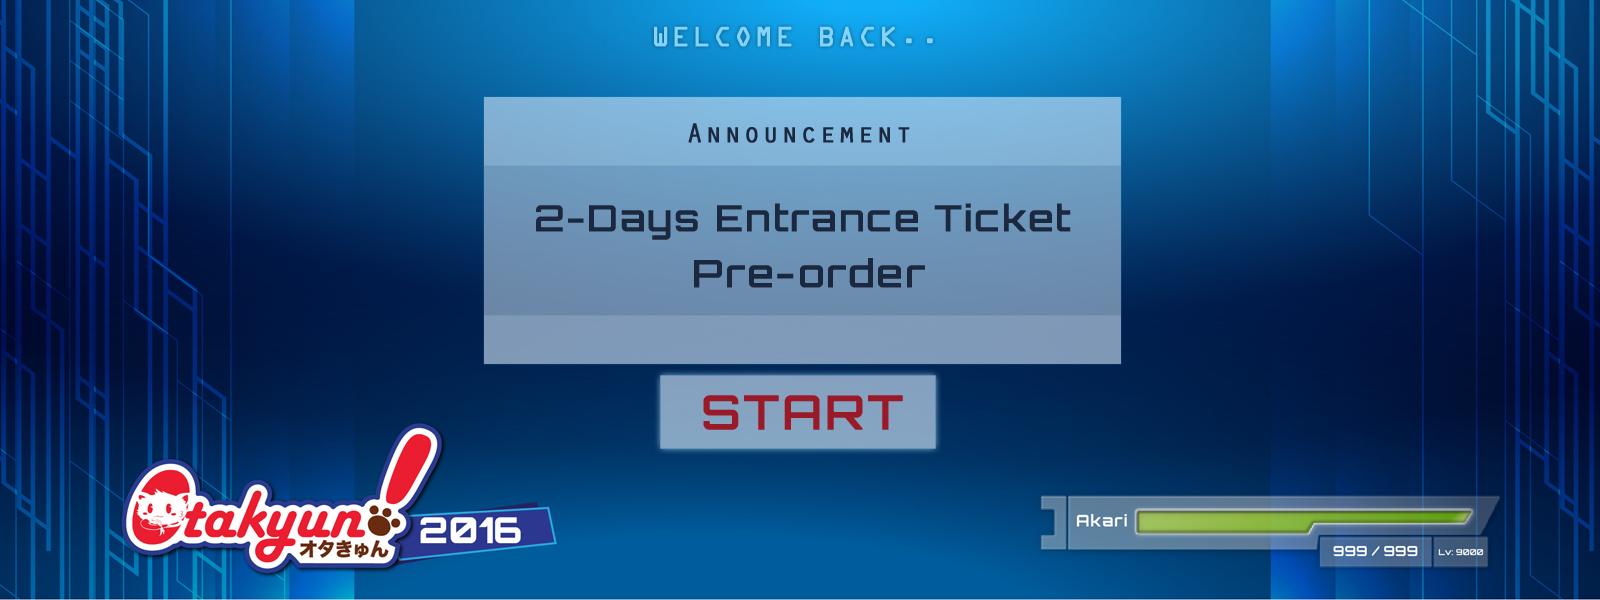 Ticket-sales-v1-banner